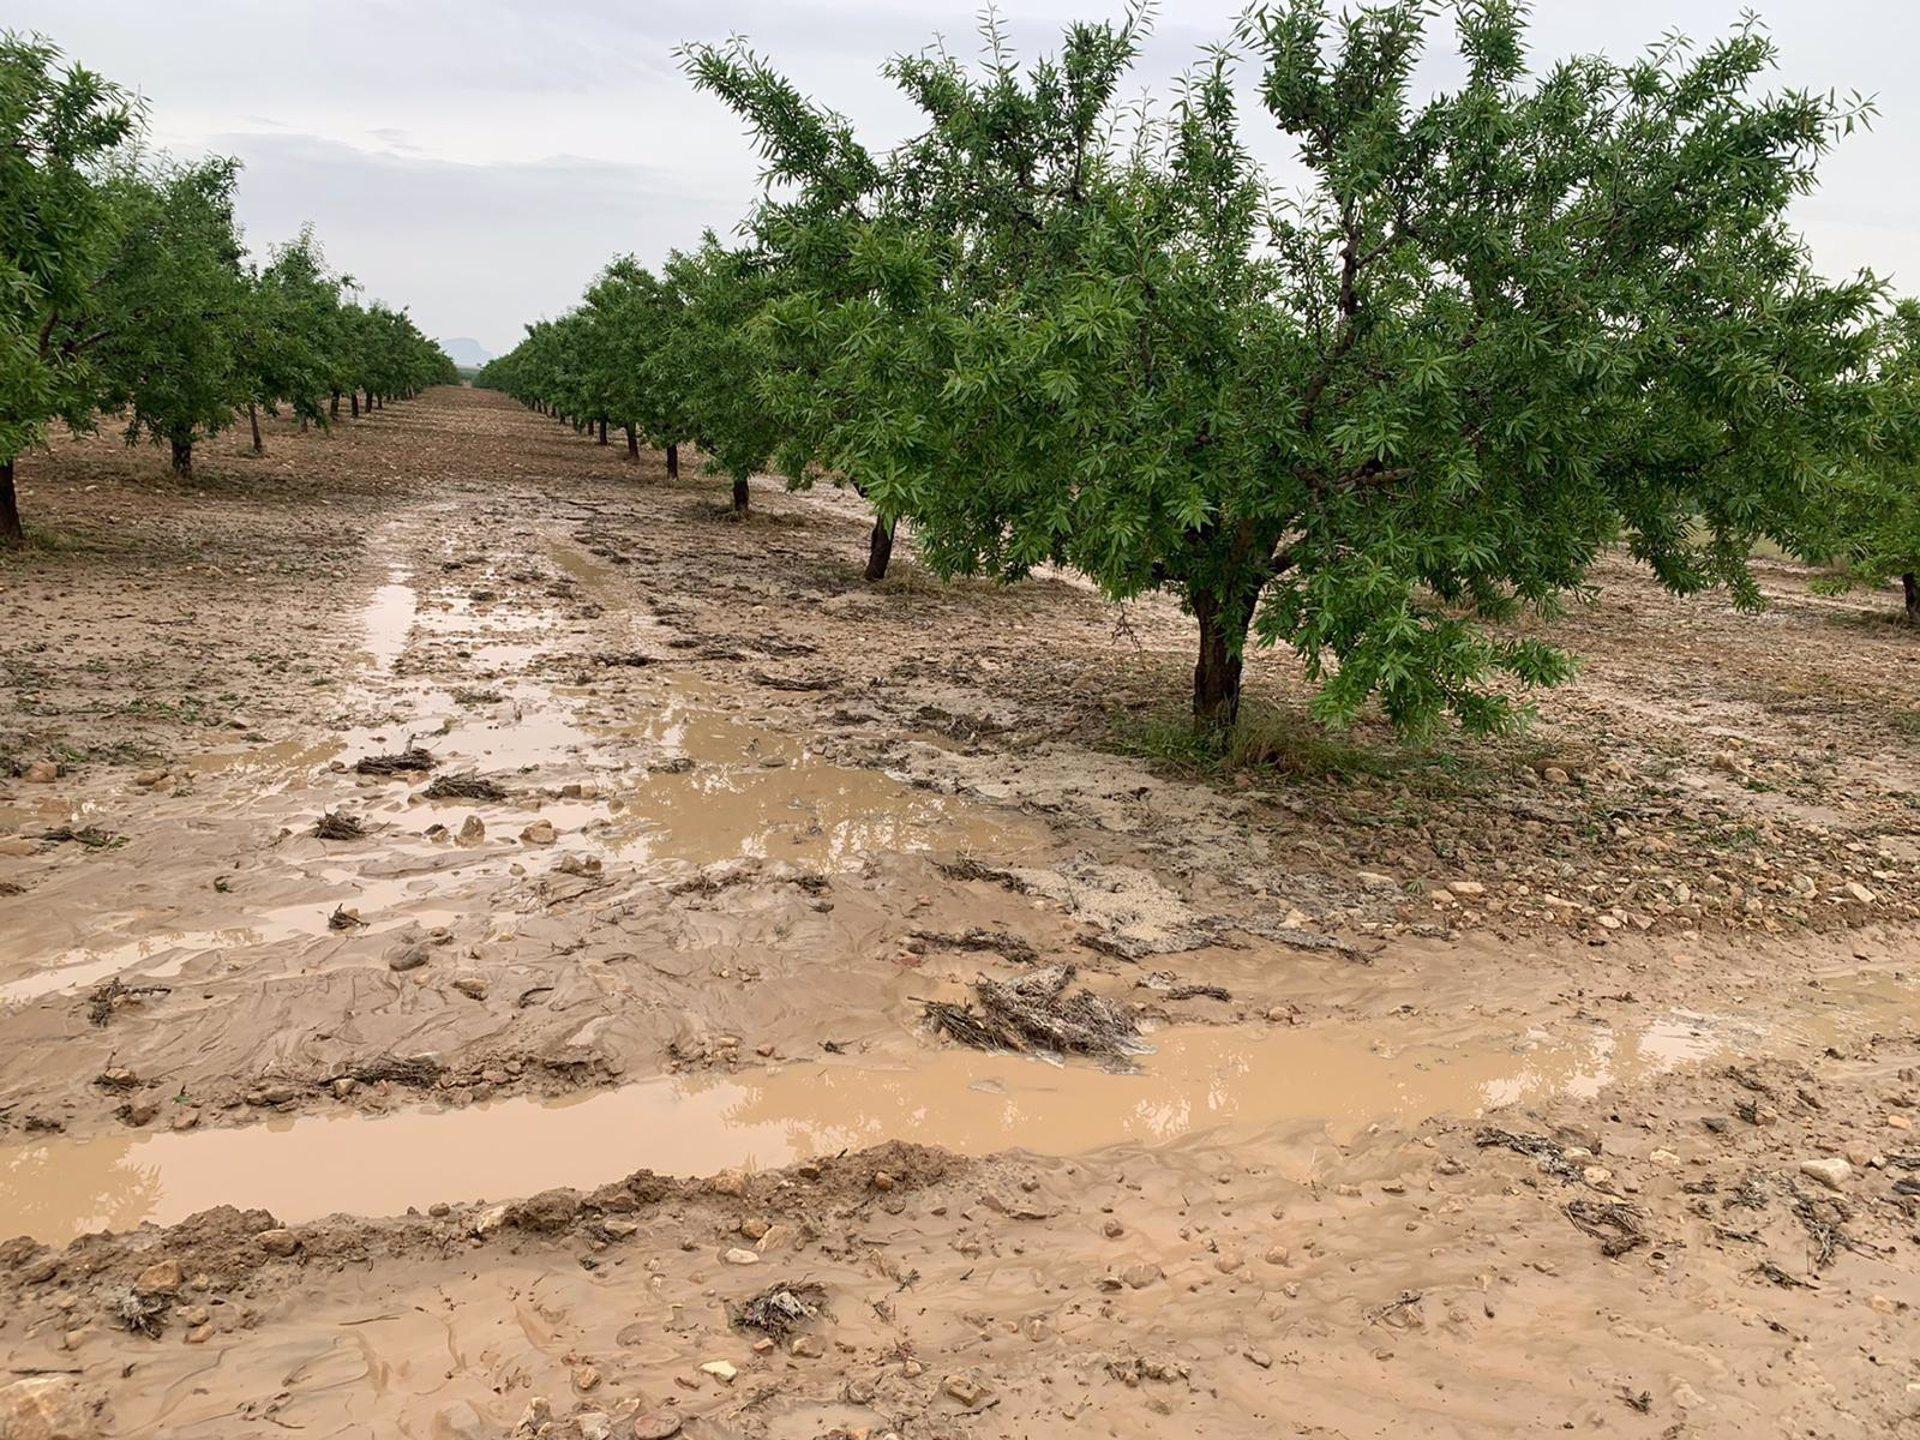 Puebla de Don Fadrique cifra daños del temporal en dos millones de euros y pide ayudas a las administraciones